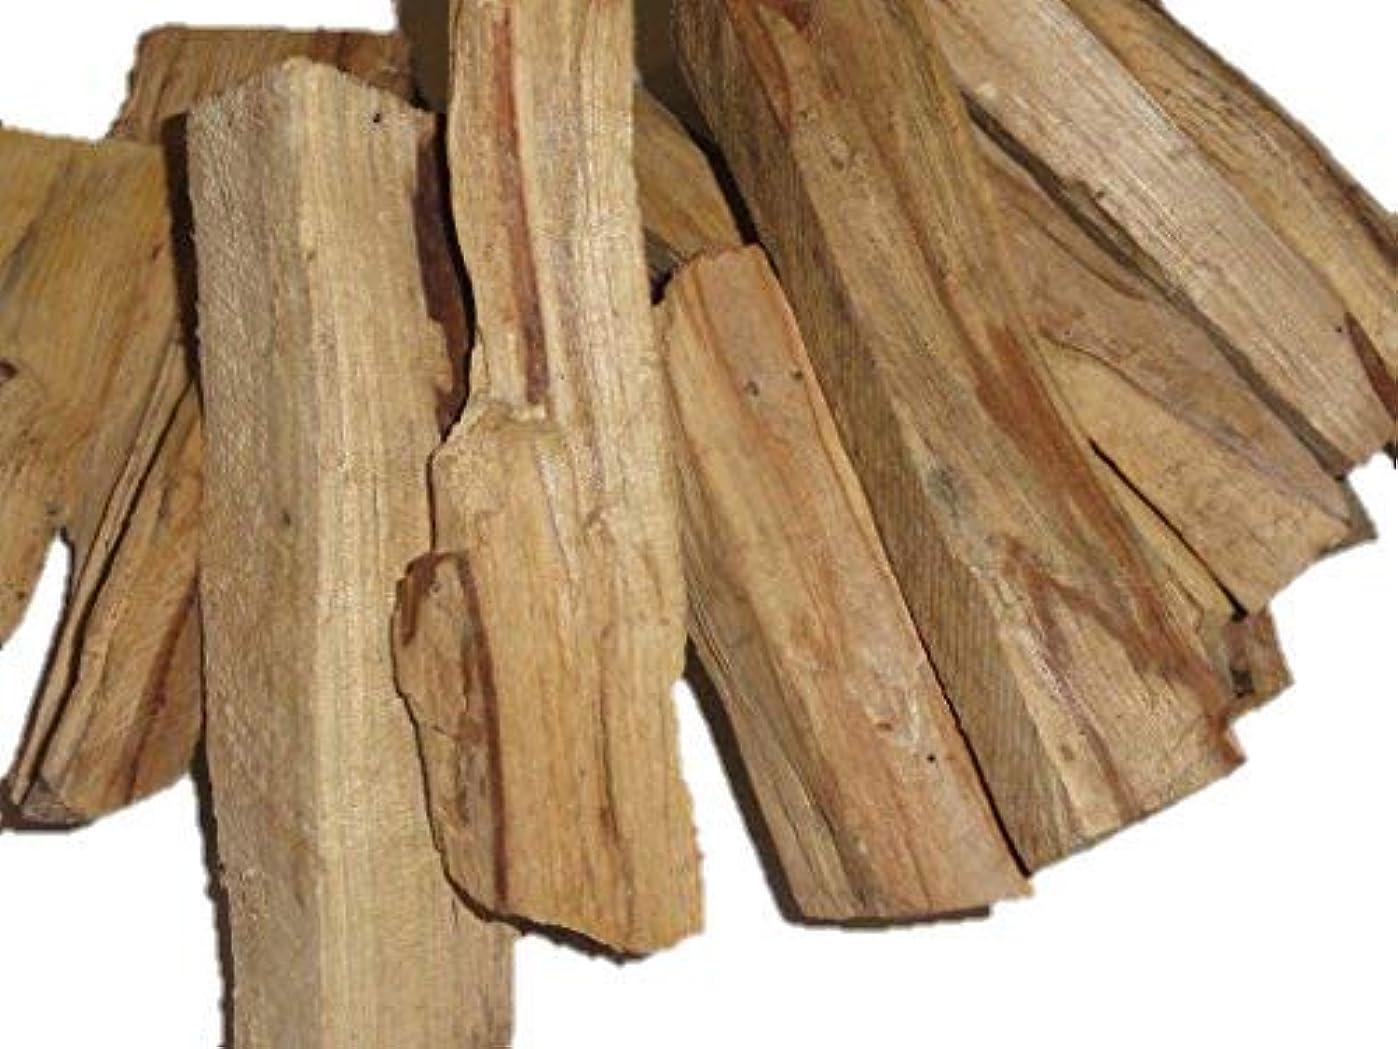 ドットメッシュきらめきsterlingclad Palo Santo 2ポンドバルクパッケージ、最もプレミアム倫理的harvestedペルーHoly木製。 2 pounds ブラウン